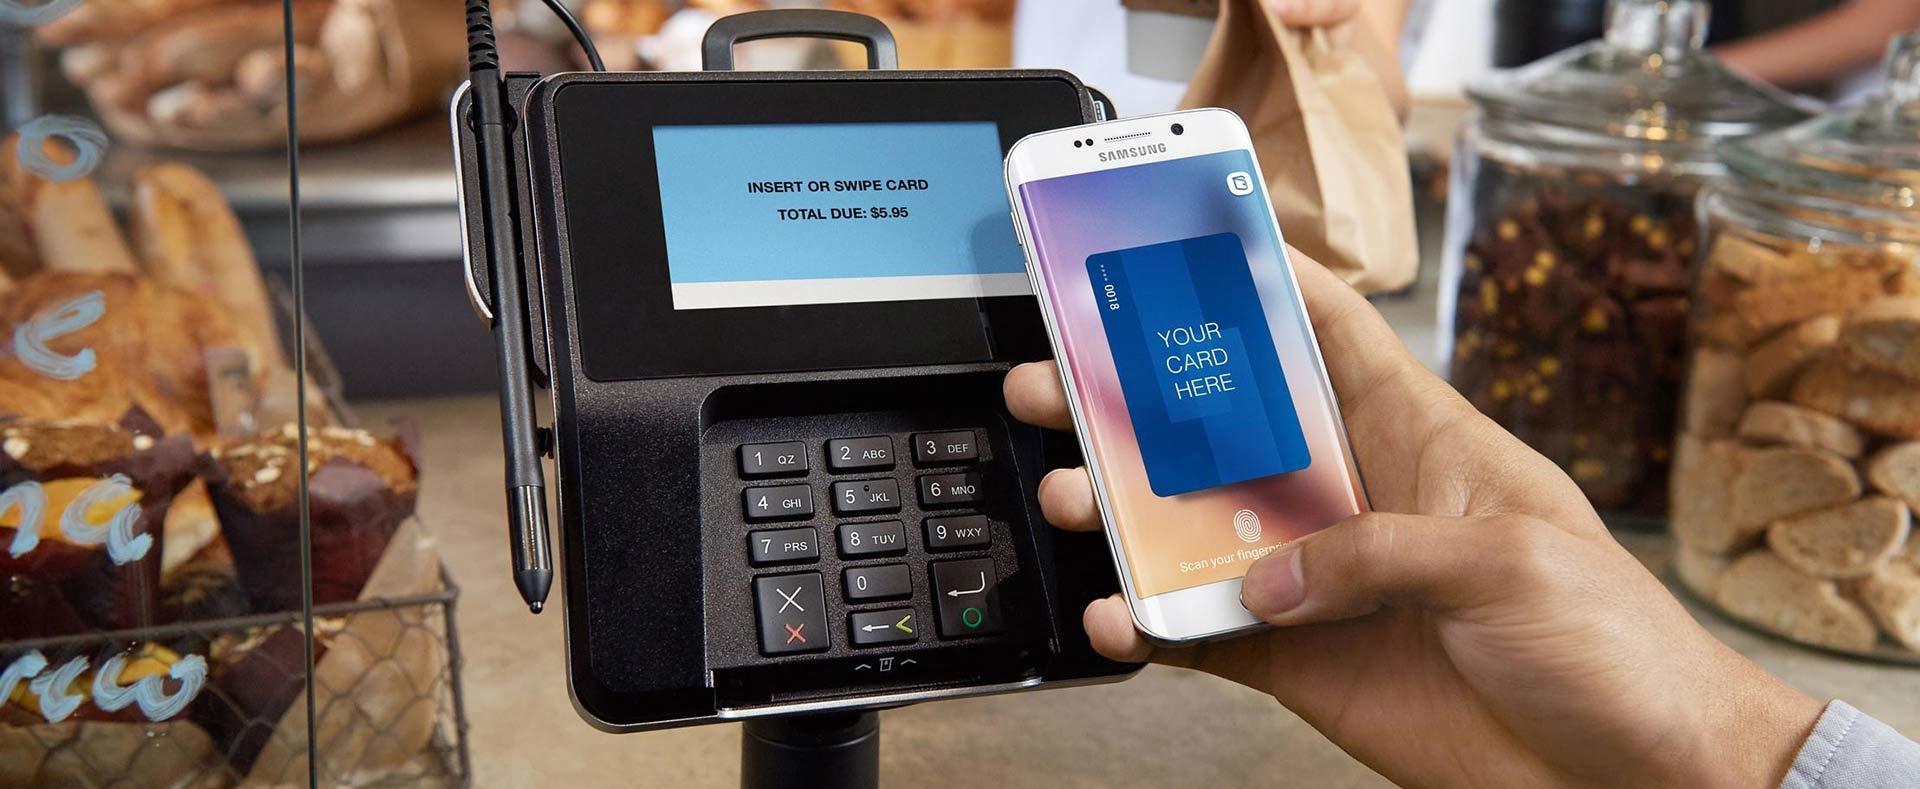 Как первый раз оплатить телефоном через Samsung Pay, чтобы не засмеяли?